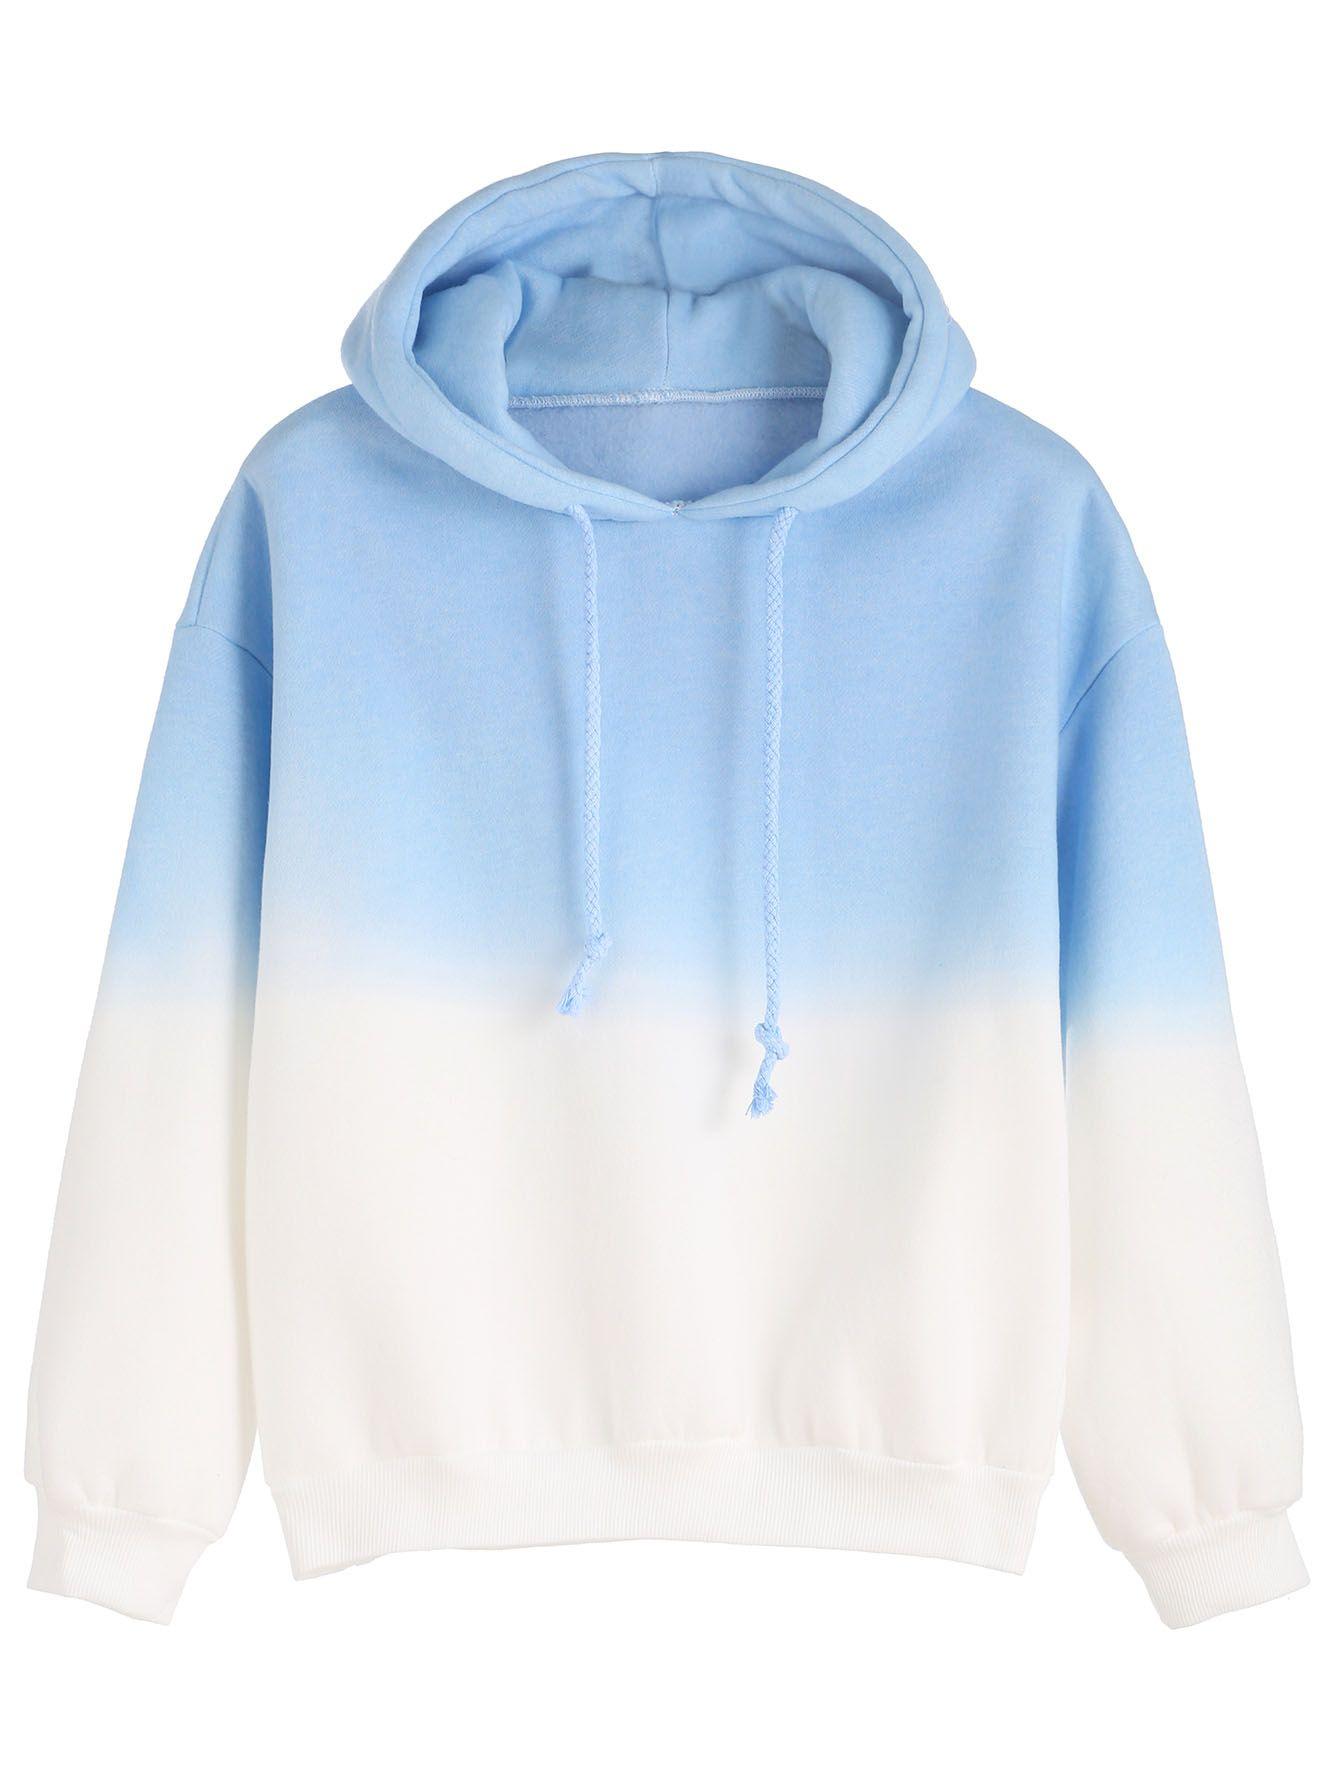 nice hoodies for ladies